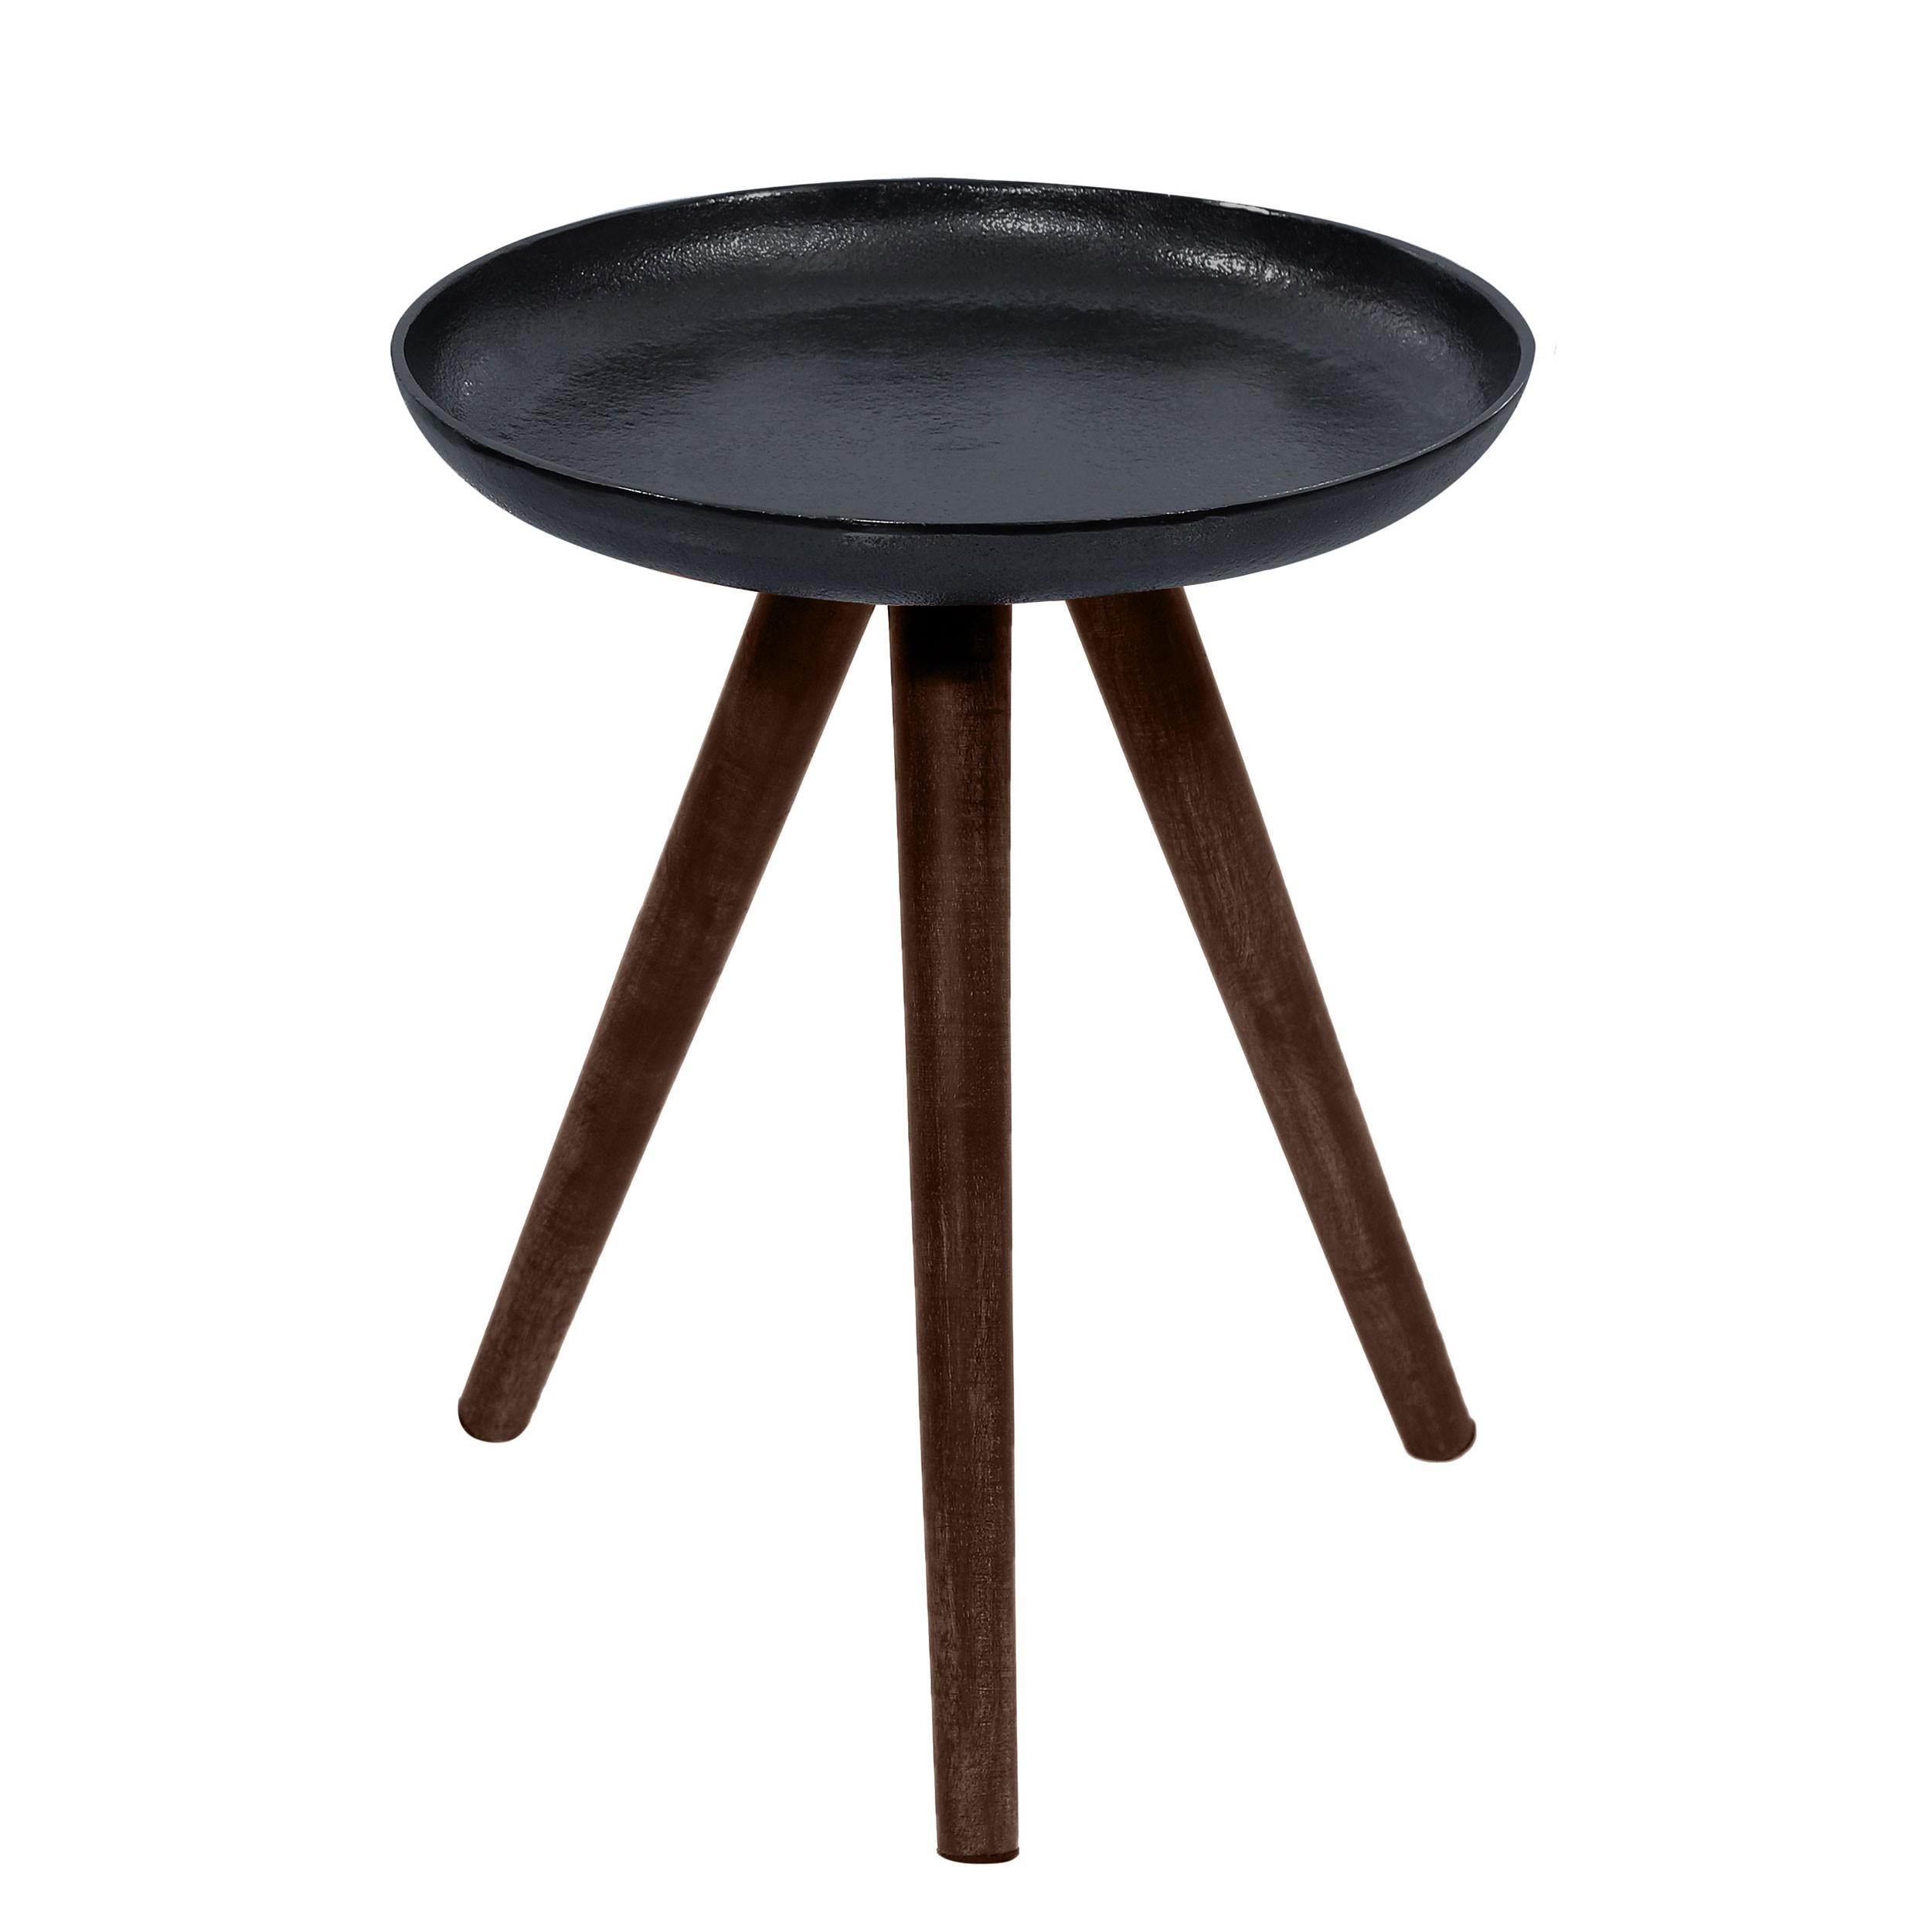 table basse ronde toluk noire achetez les tables basses rondes toluk noires design rdv d co. Black Bedroom Furniture Sets. Home Design Ideas